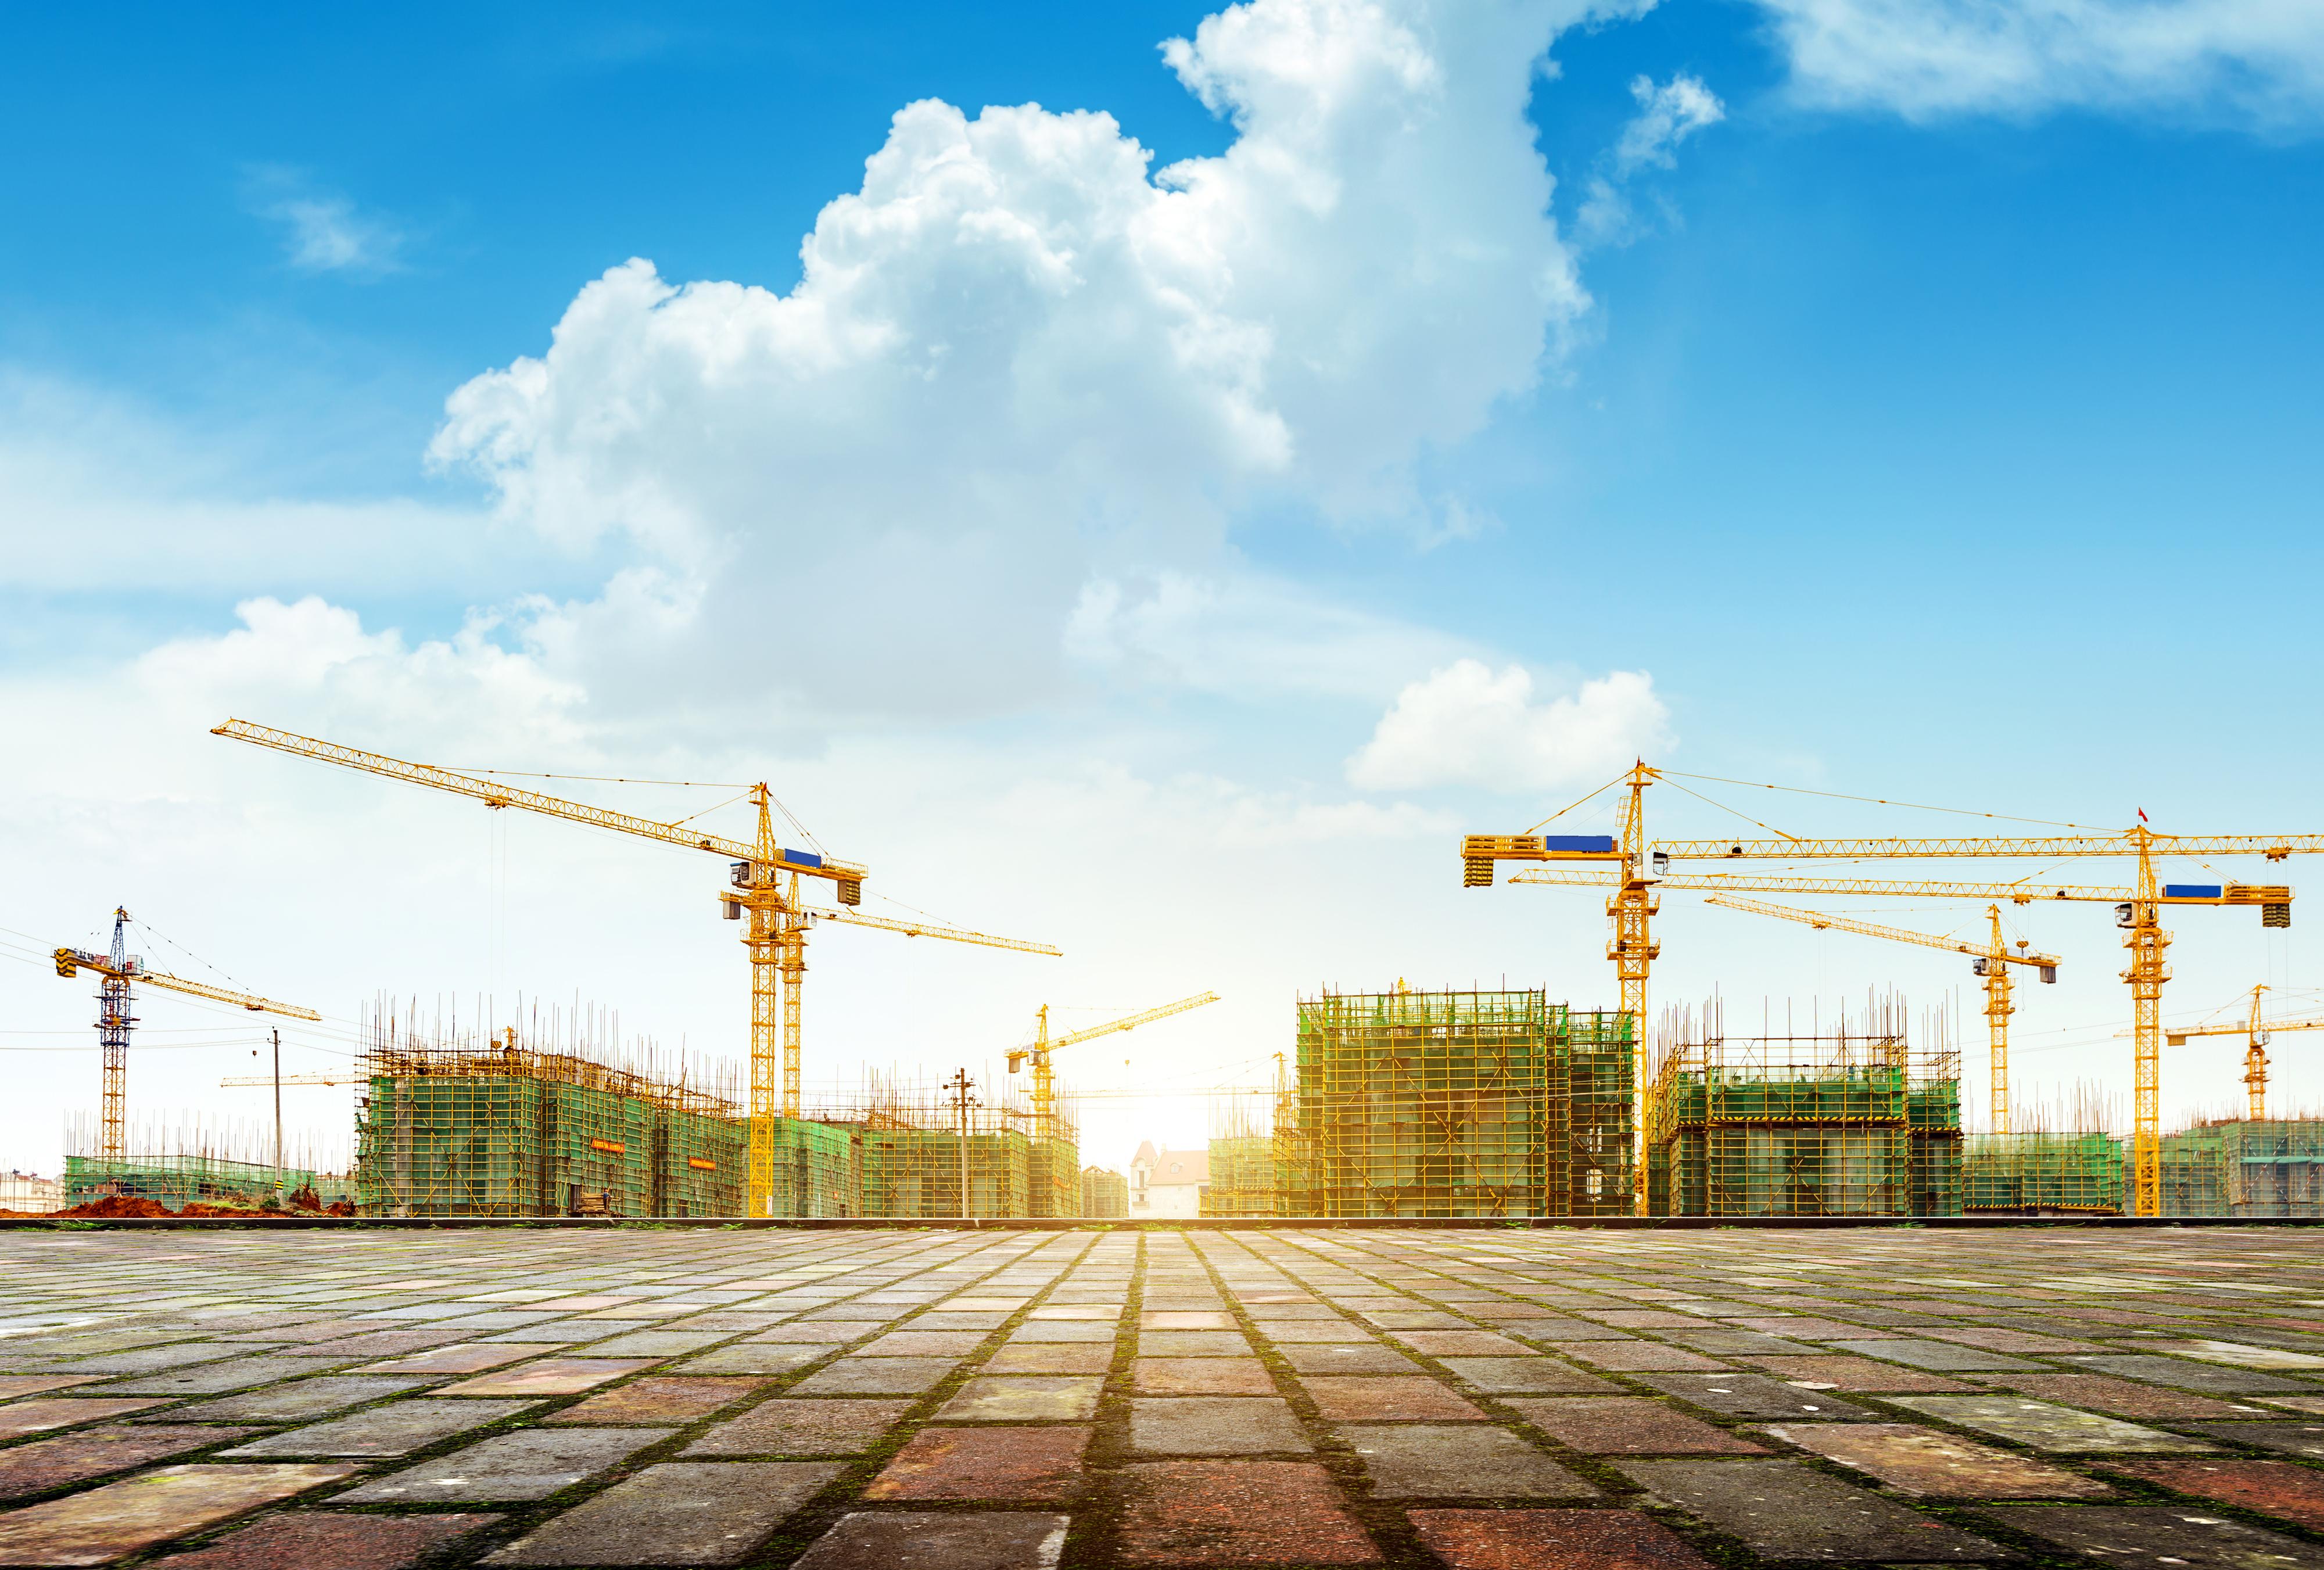 Le chantier du XXIe siècle: un chantier acceptable